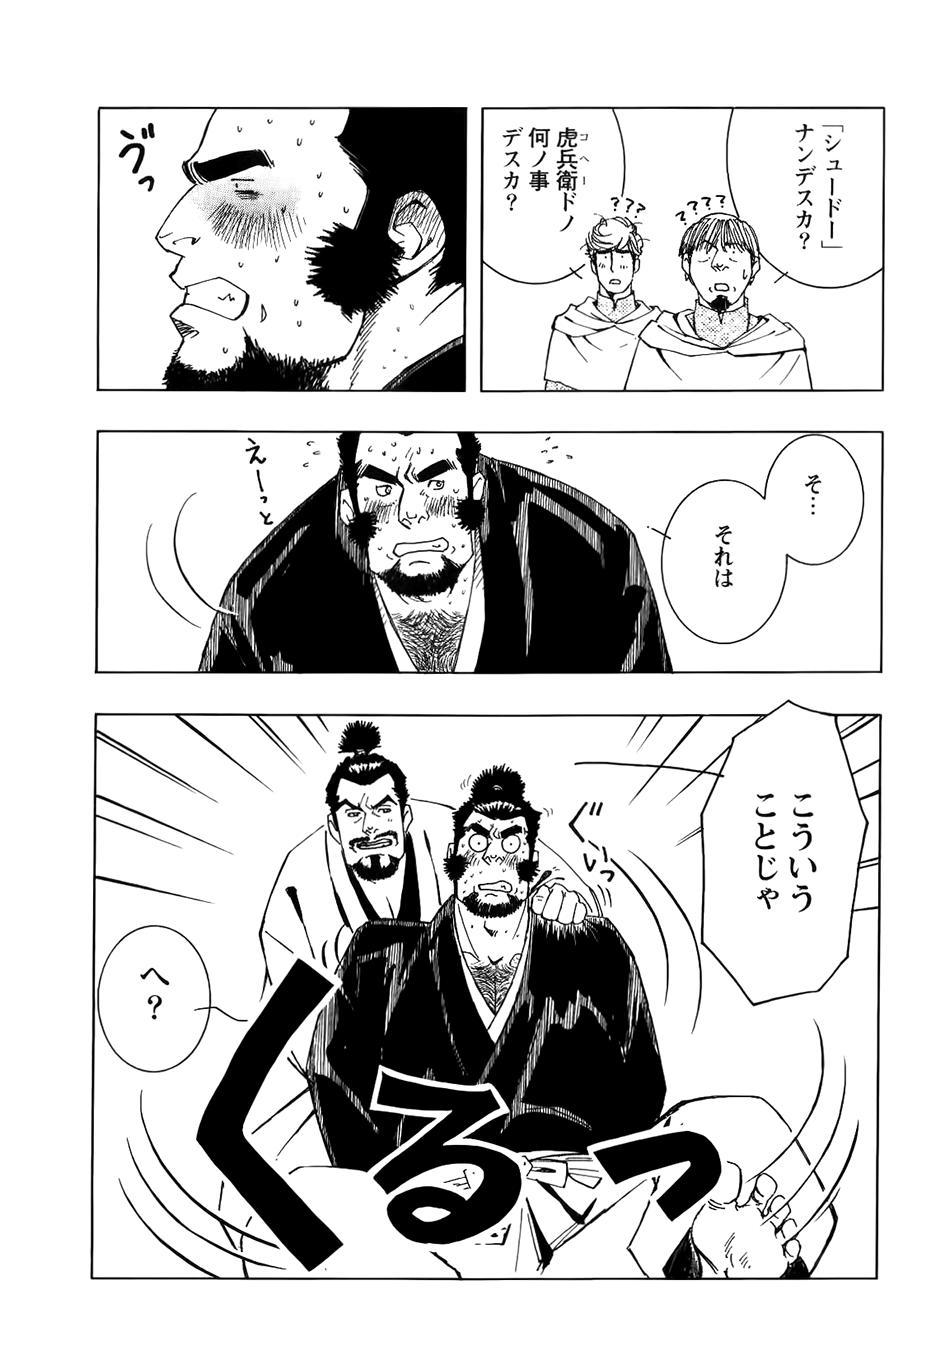 Nobunaga's lotion man 4